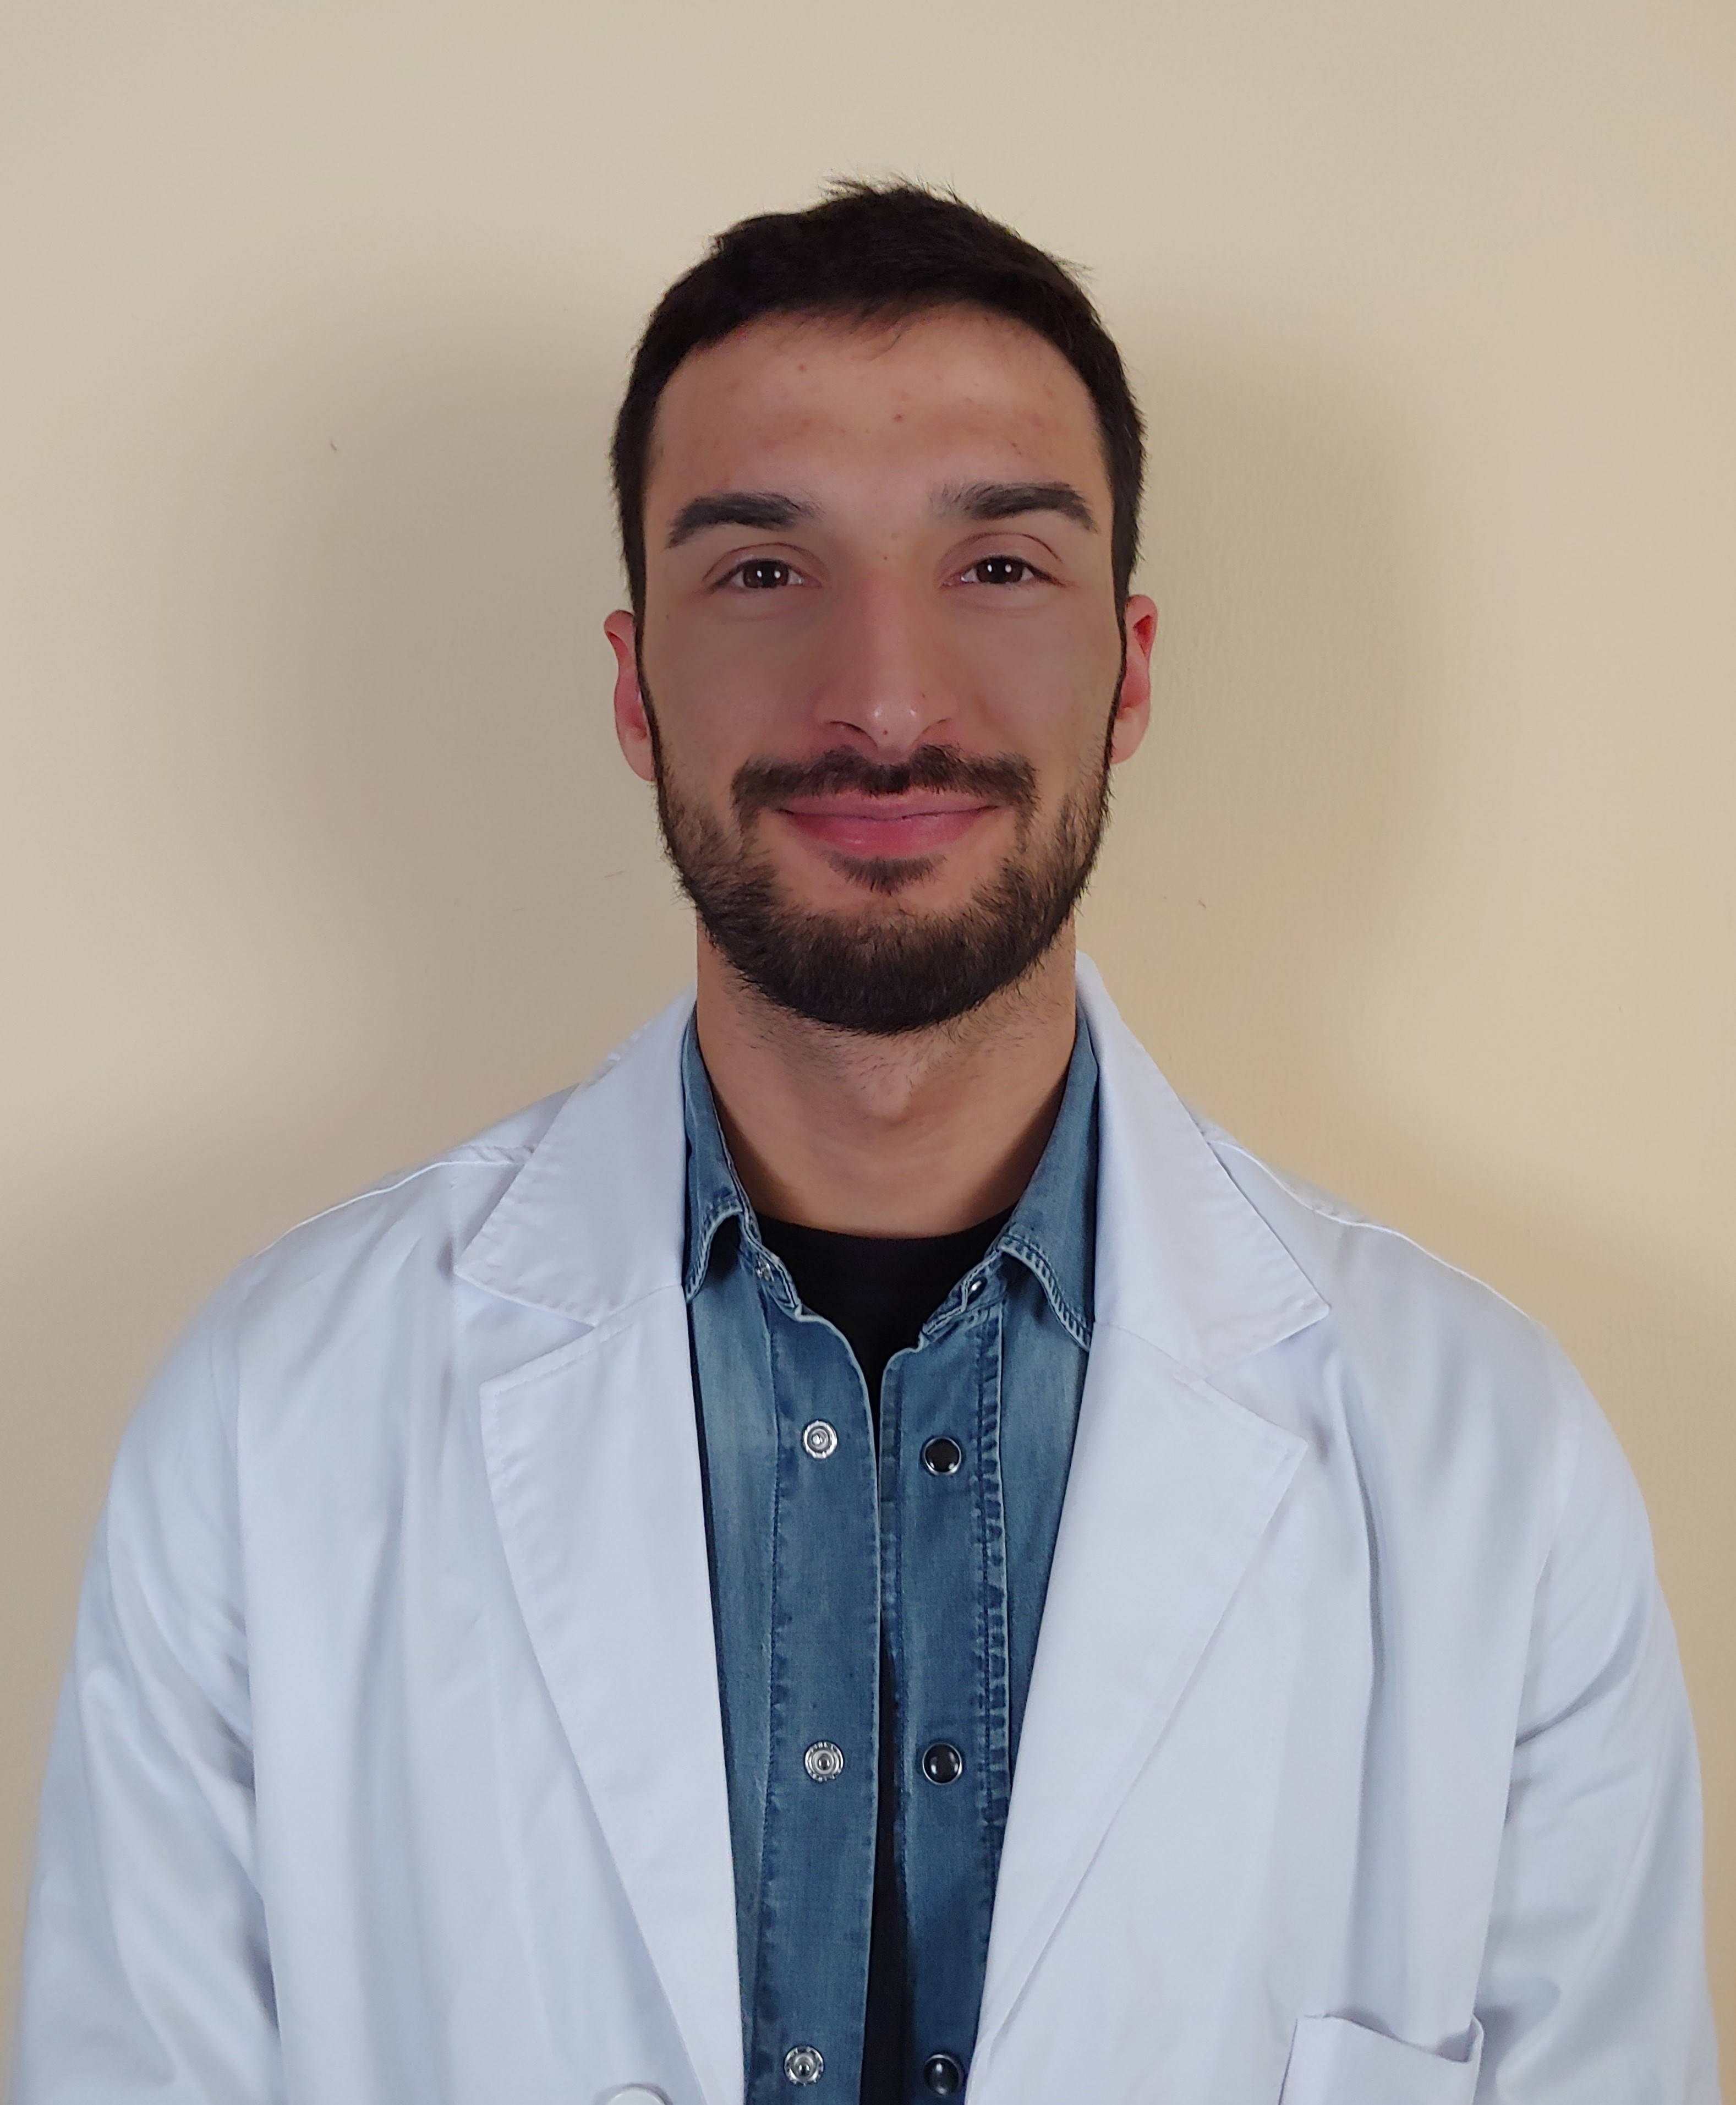 Specializzazione Dott. Luca Corbetta - Studio MEdico Cernobbio